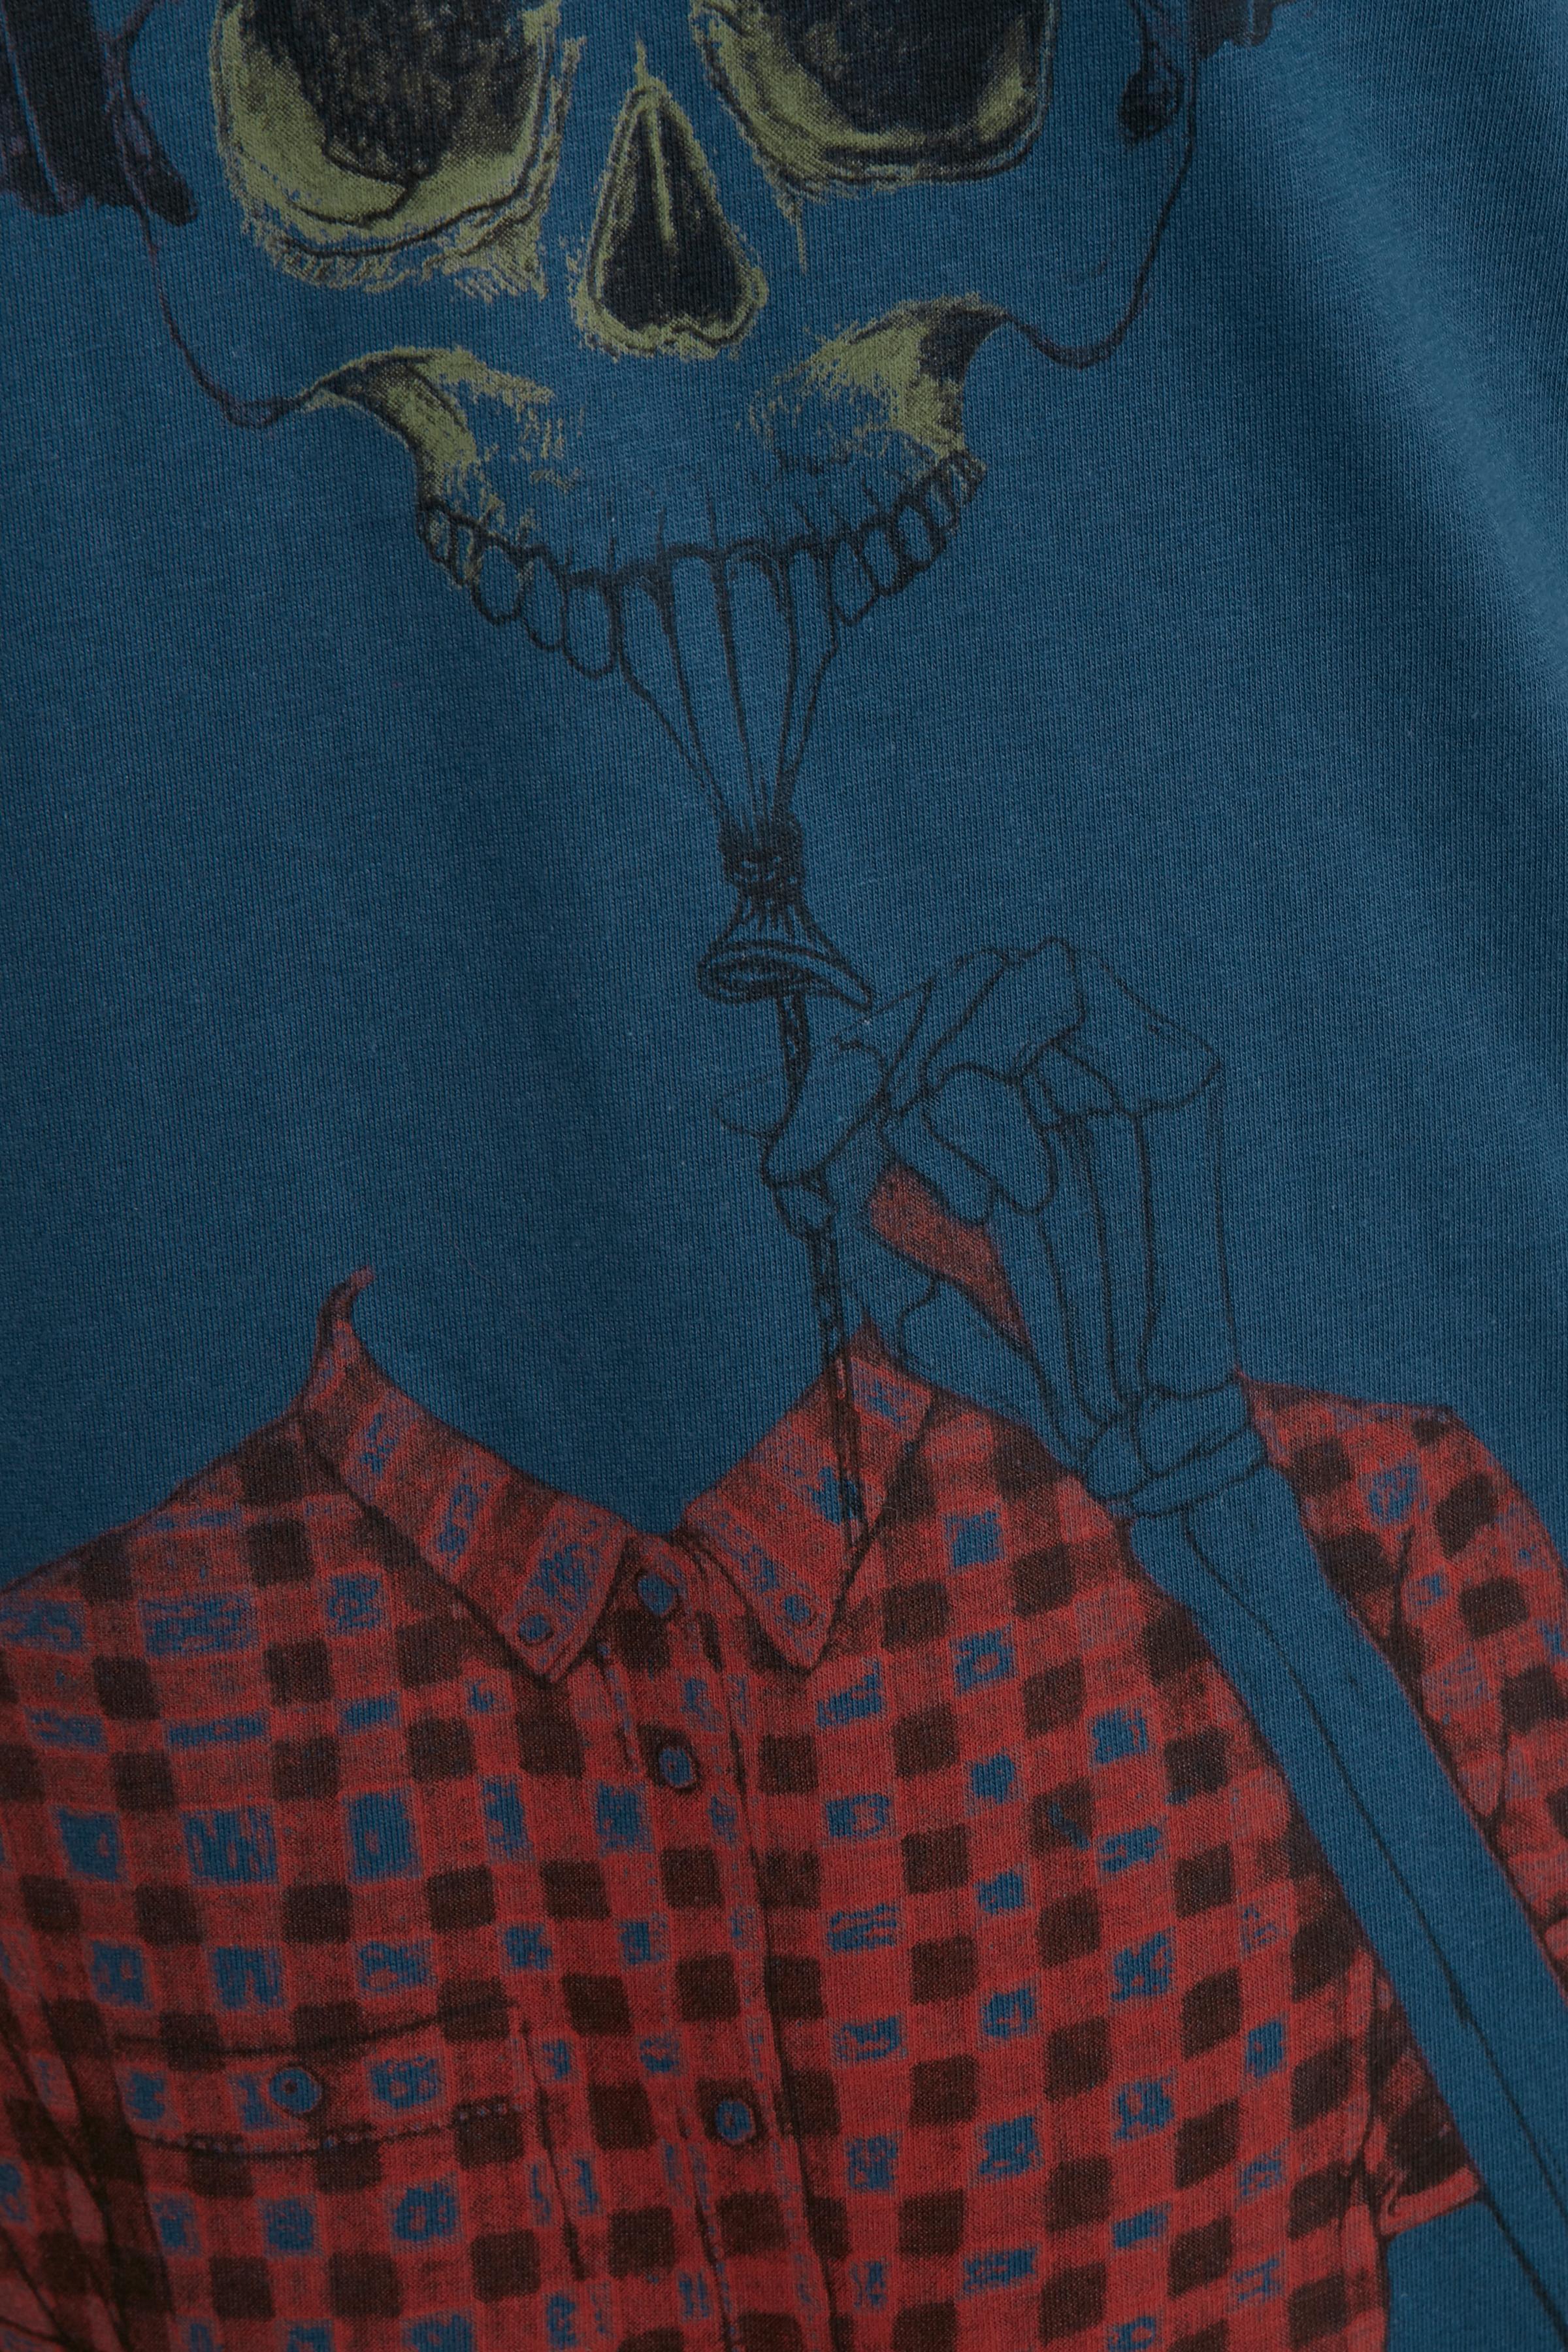 Mørkeblå T-shirt – Køb Mørkeblå T-shirt fra str. S-XXL her